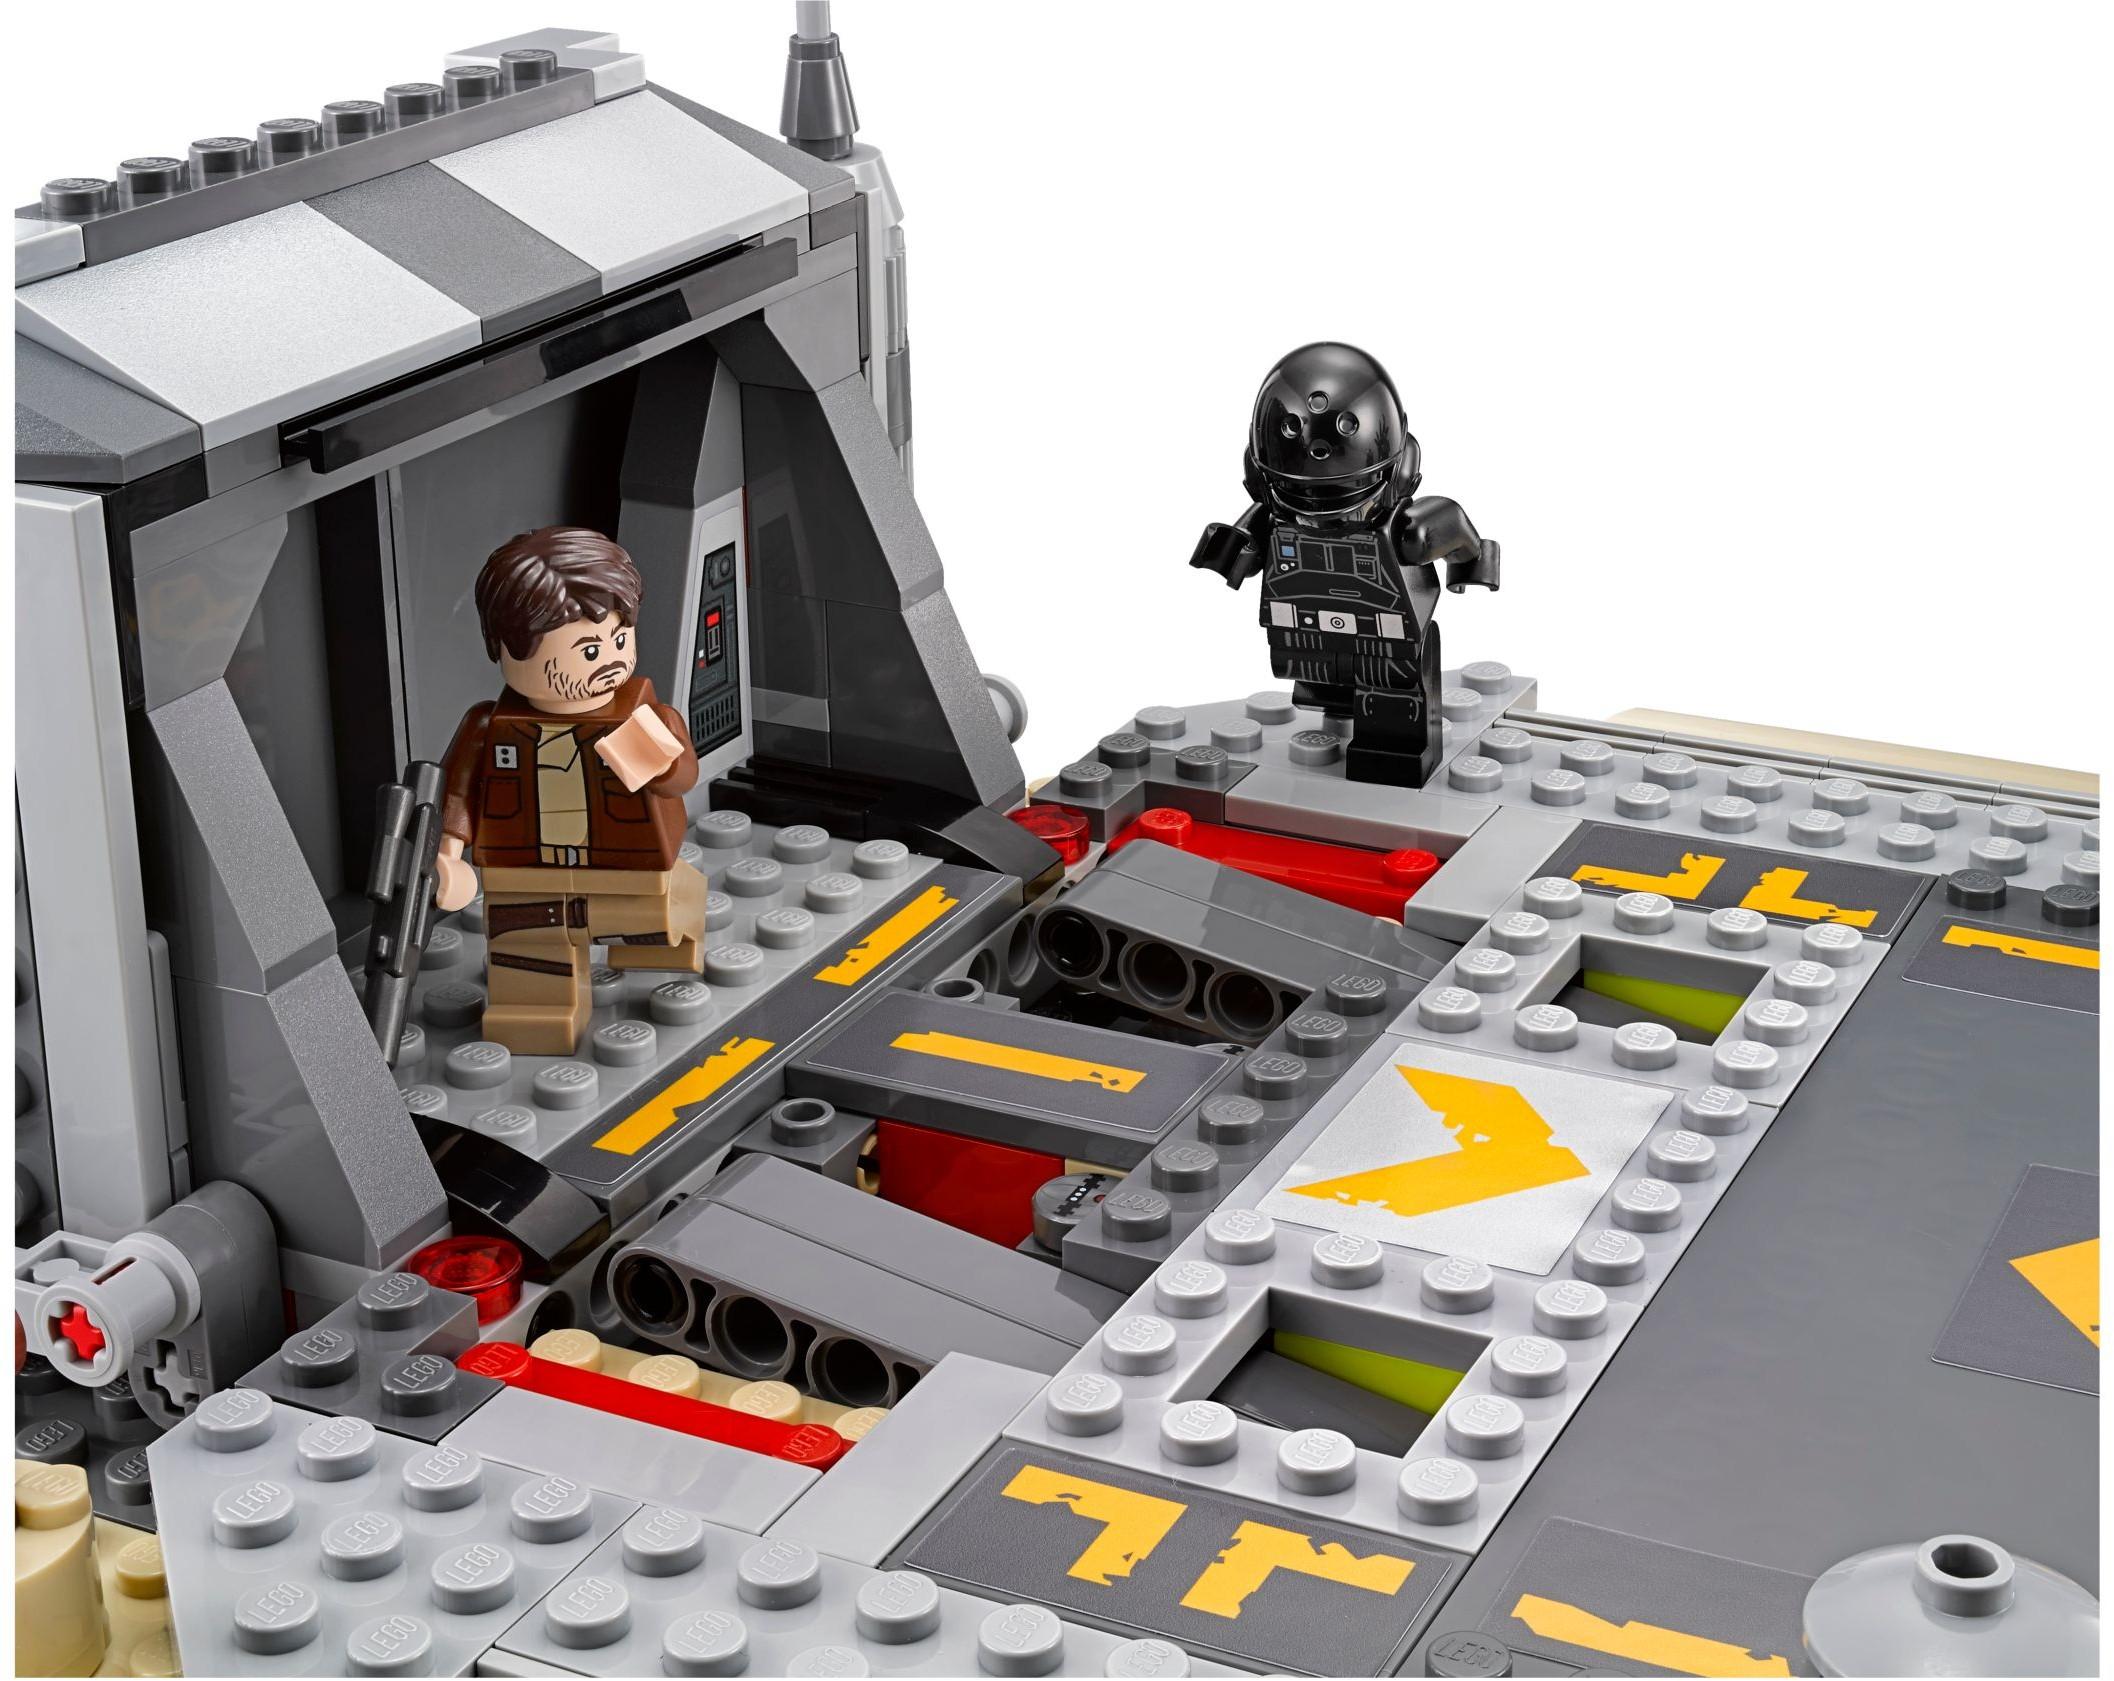 https://i1.wp.com/images.brickset.com/sets/AdditionalImages/75171-1/75171_alt3.jpg